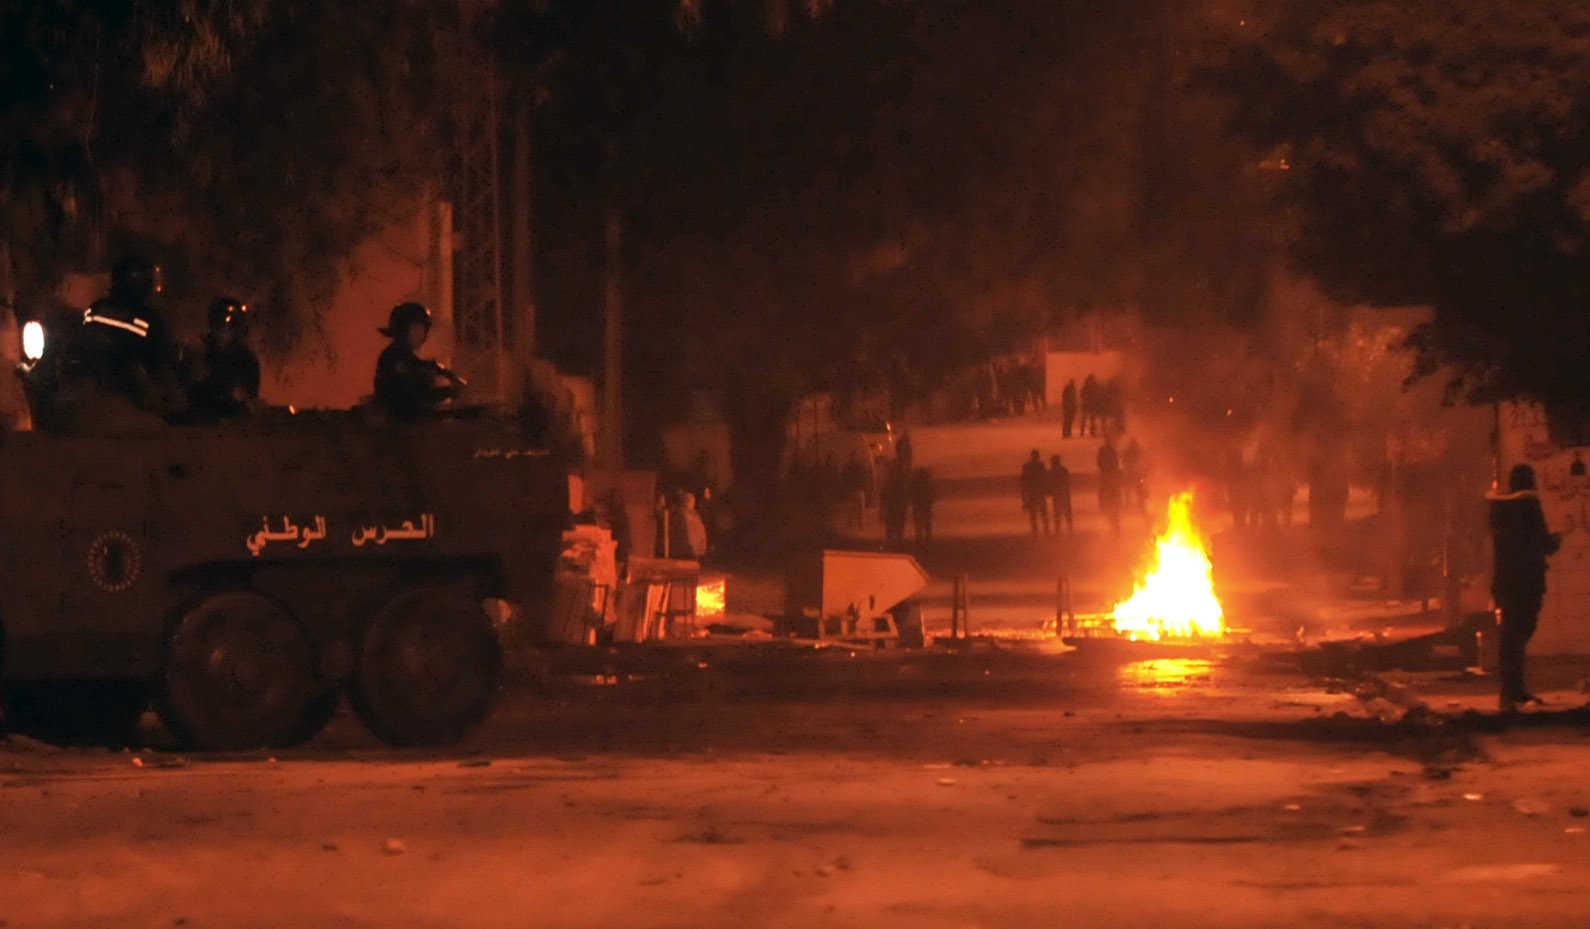 احتجاجات في عدة مدن تونسية ومواجهات مع قوات الأمن